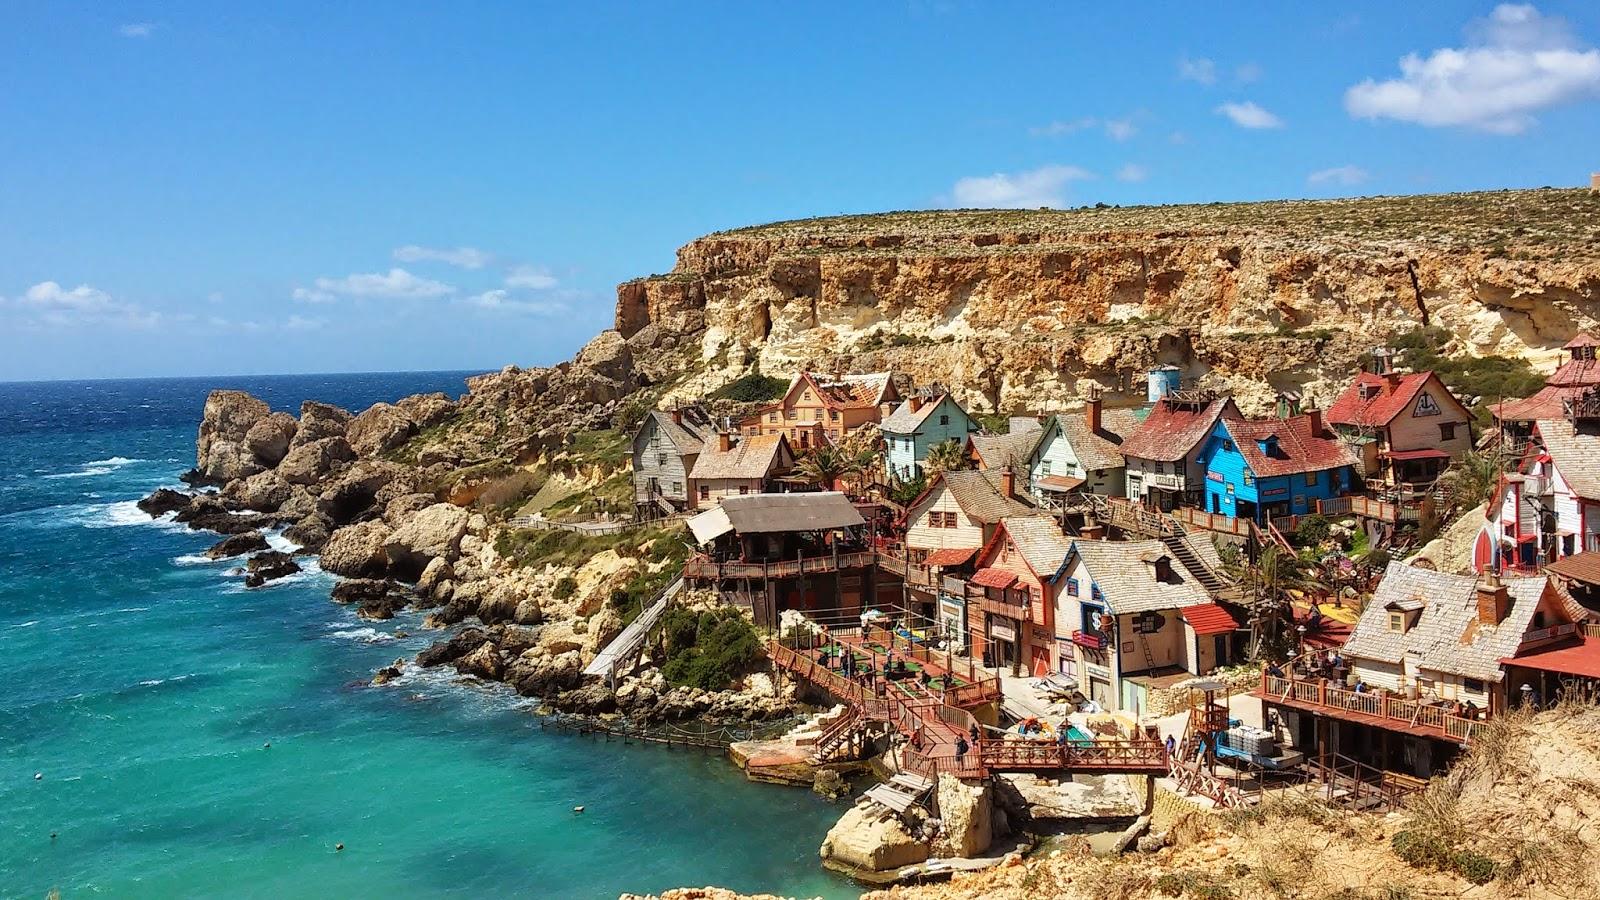 Wioska Popeya, Zatoka Anchor, Malta